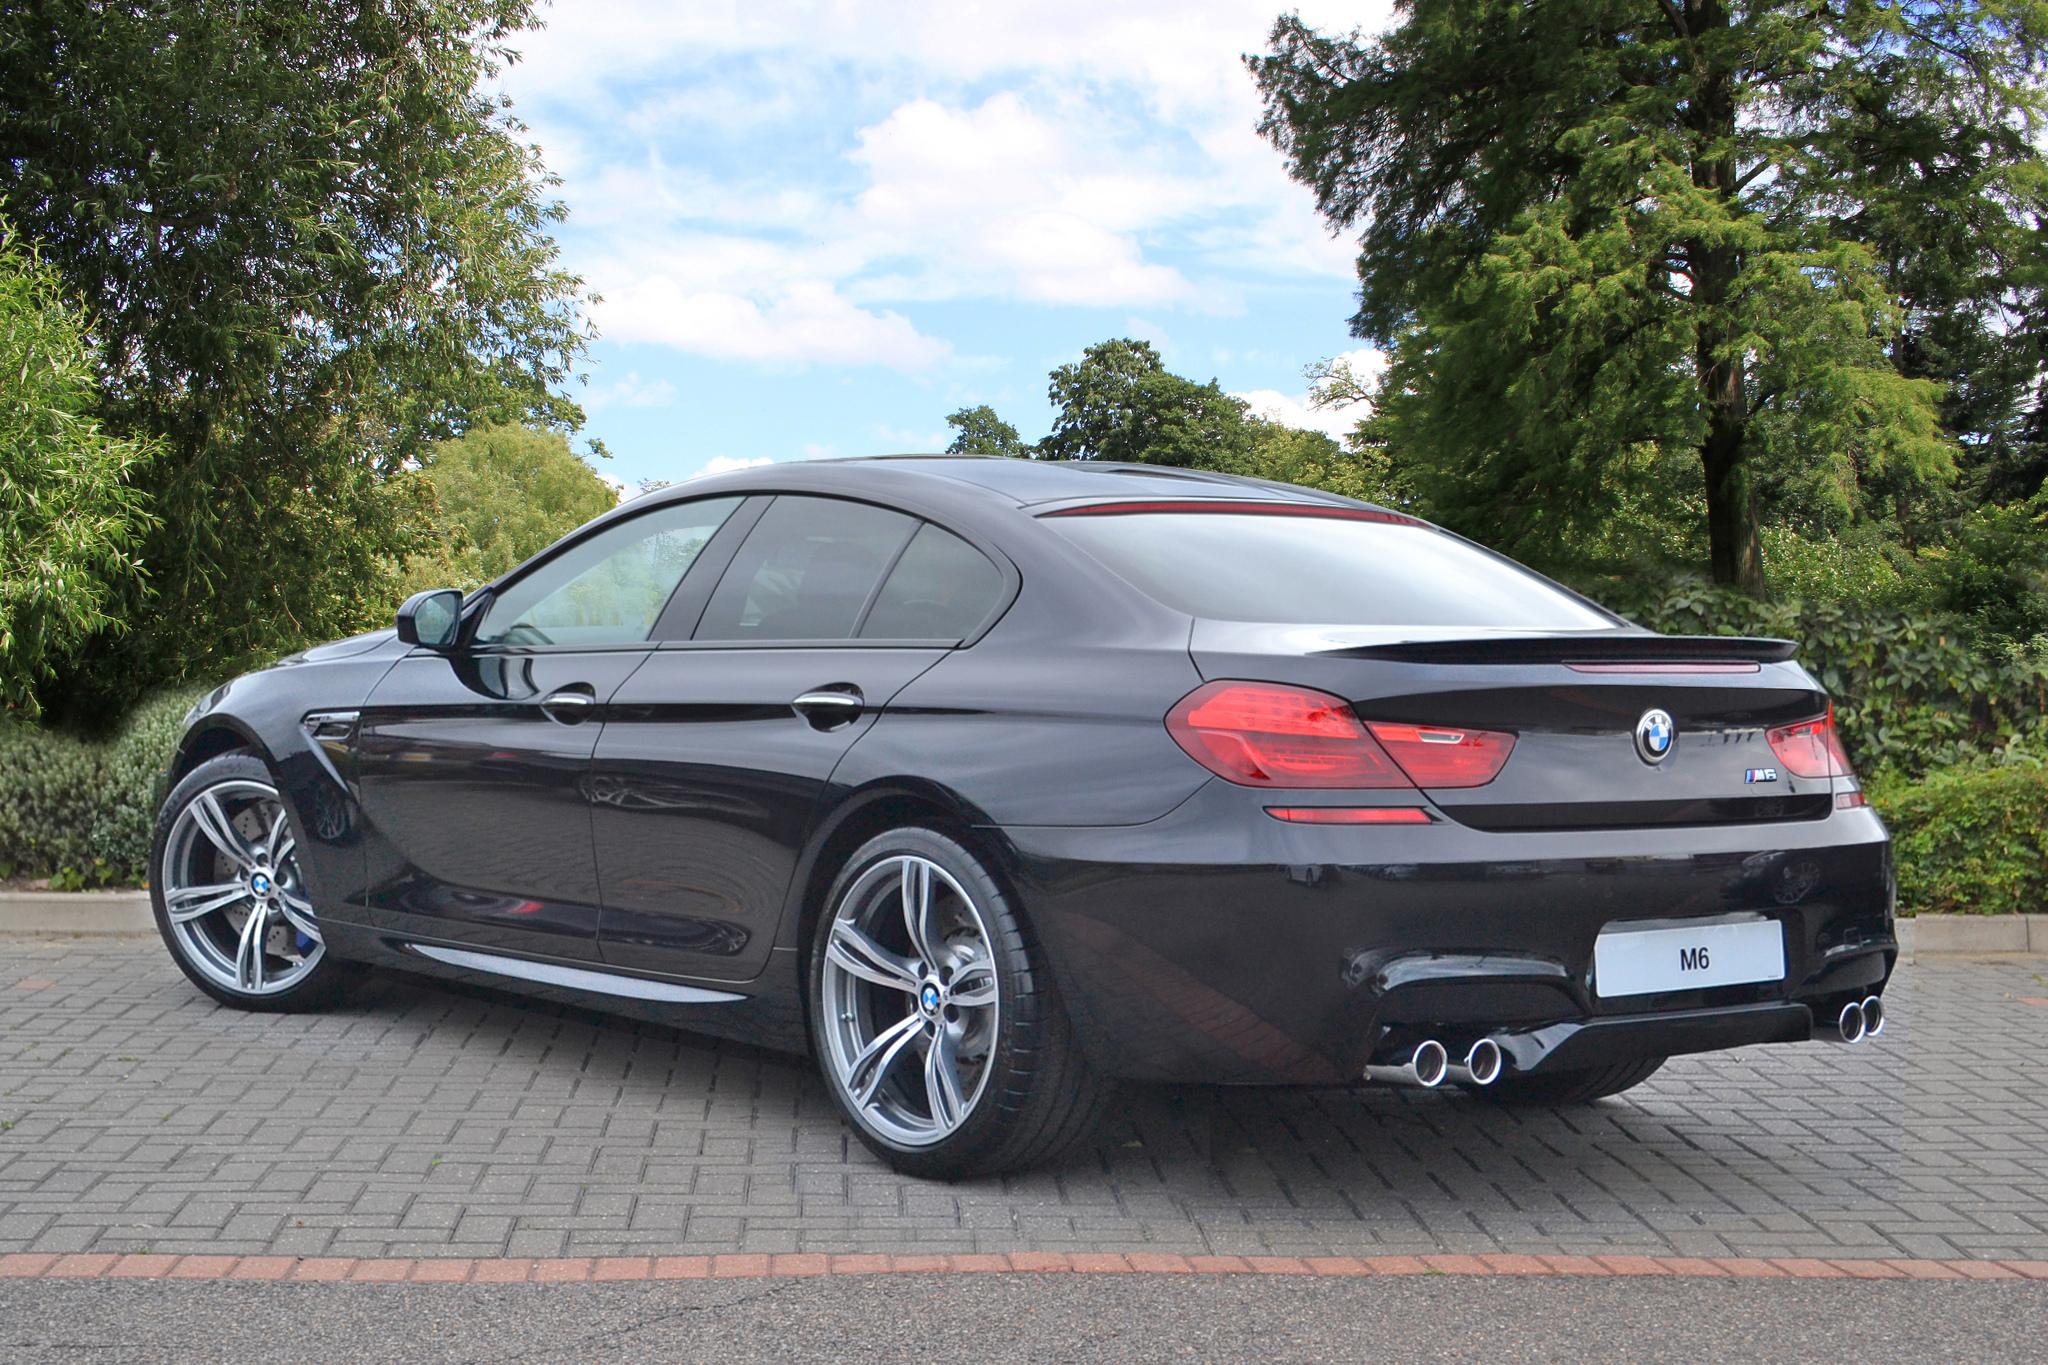 M6 BMW GC